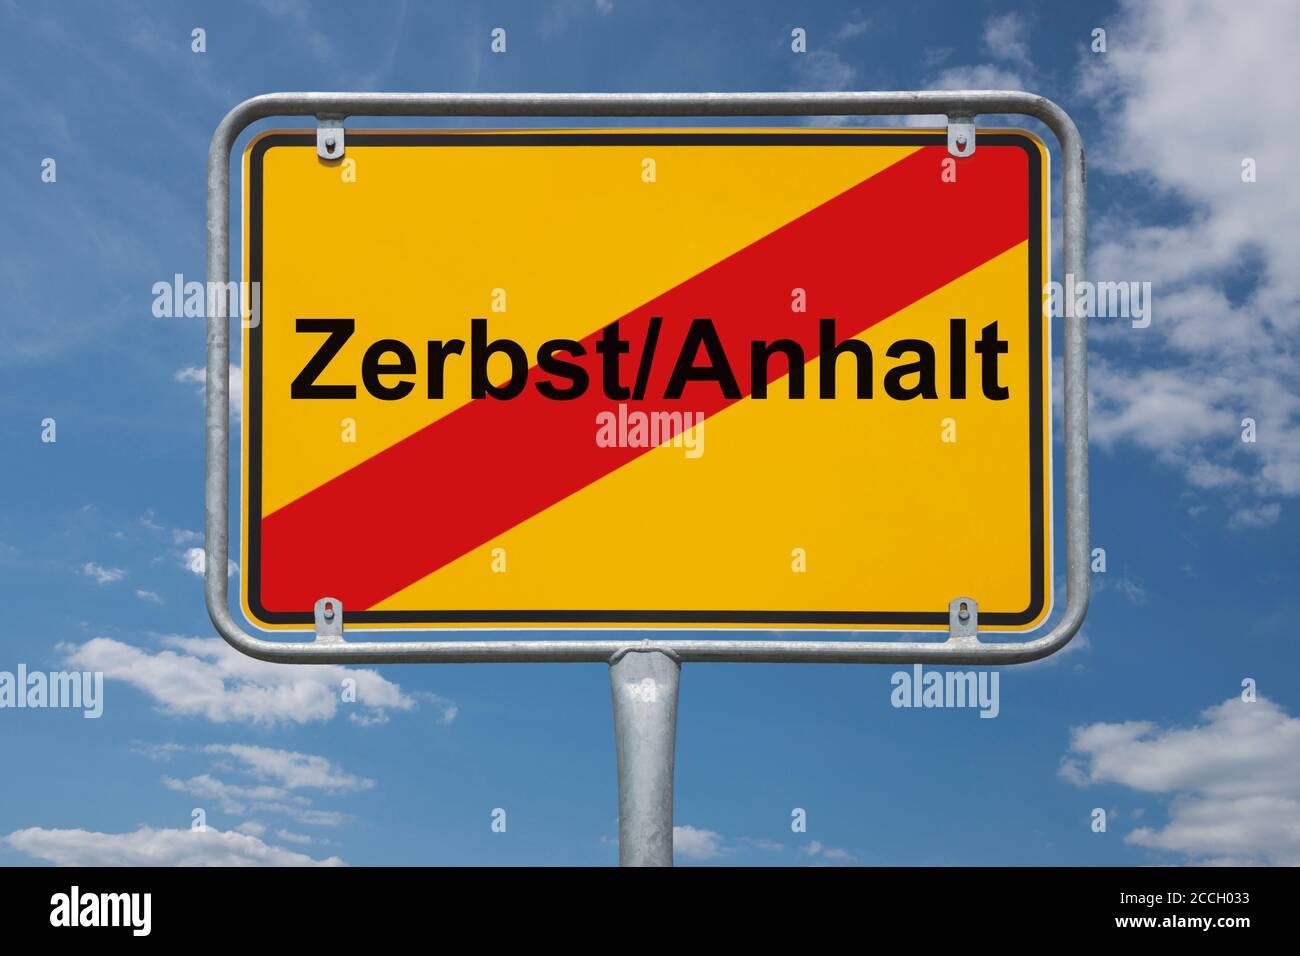 Ortstafel Zerbst/Anhalt, Sachsen-Anhalt, Deutschland | Place name sign Zerbst/Anhalt, Saxony-Anhalt, Germany, Europe Stock Photo